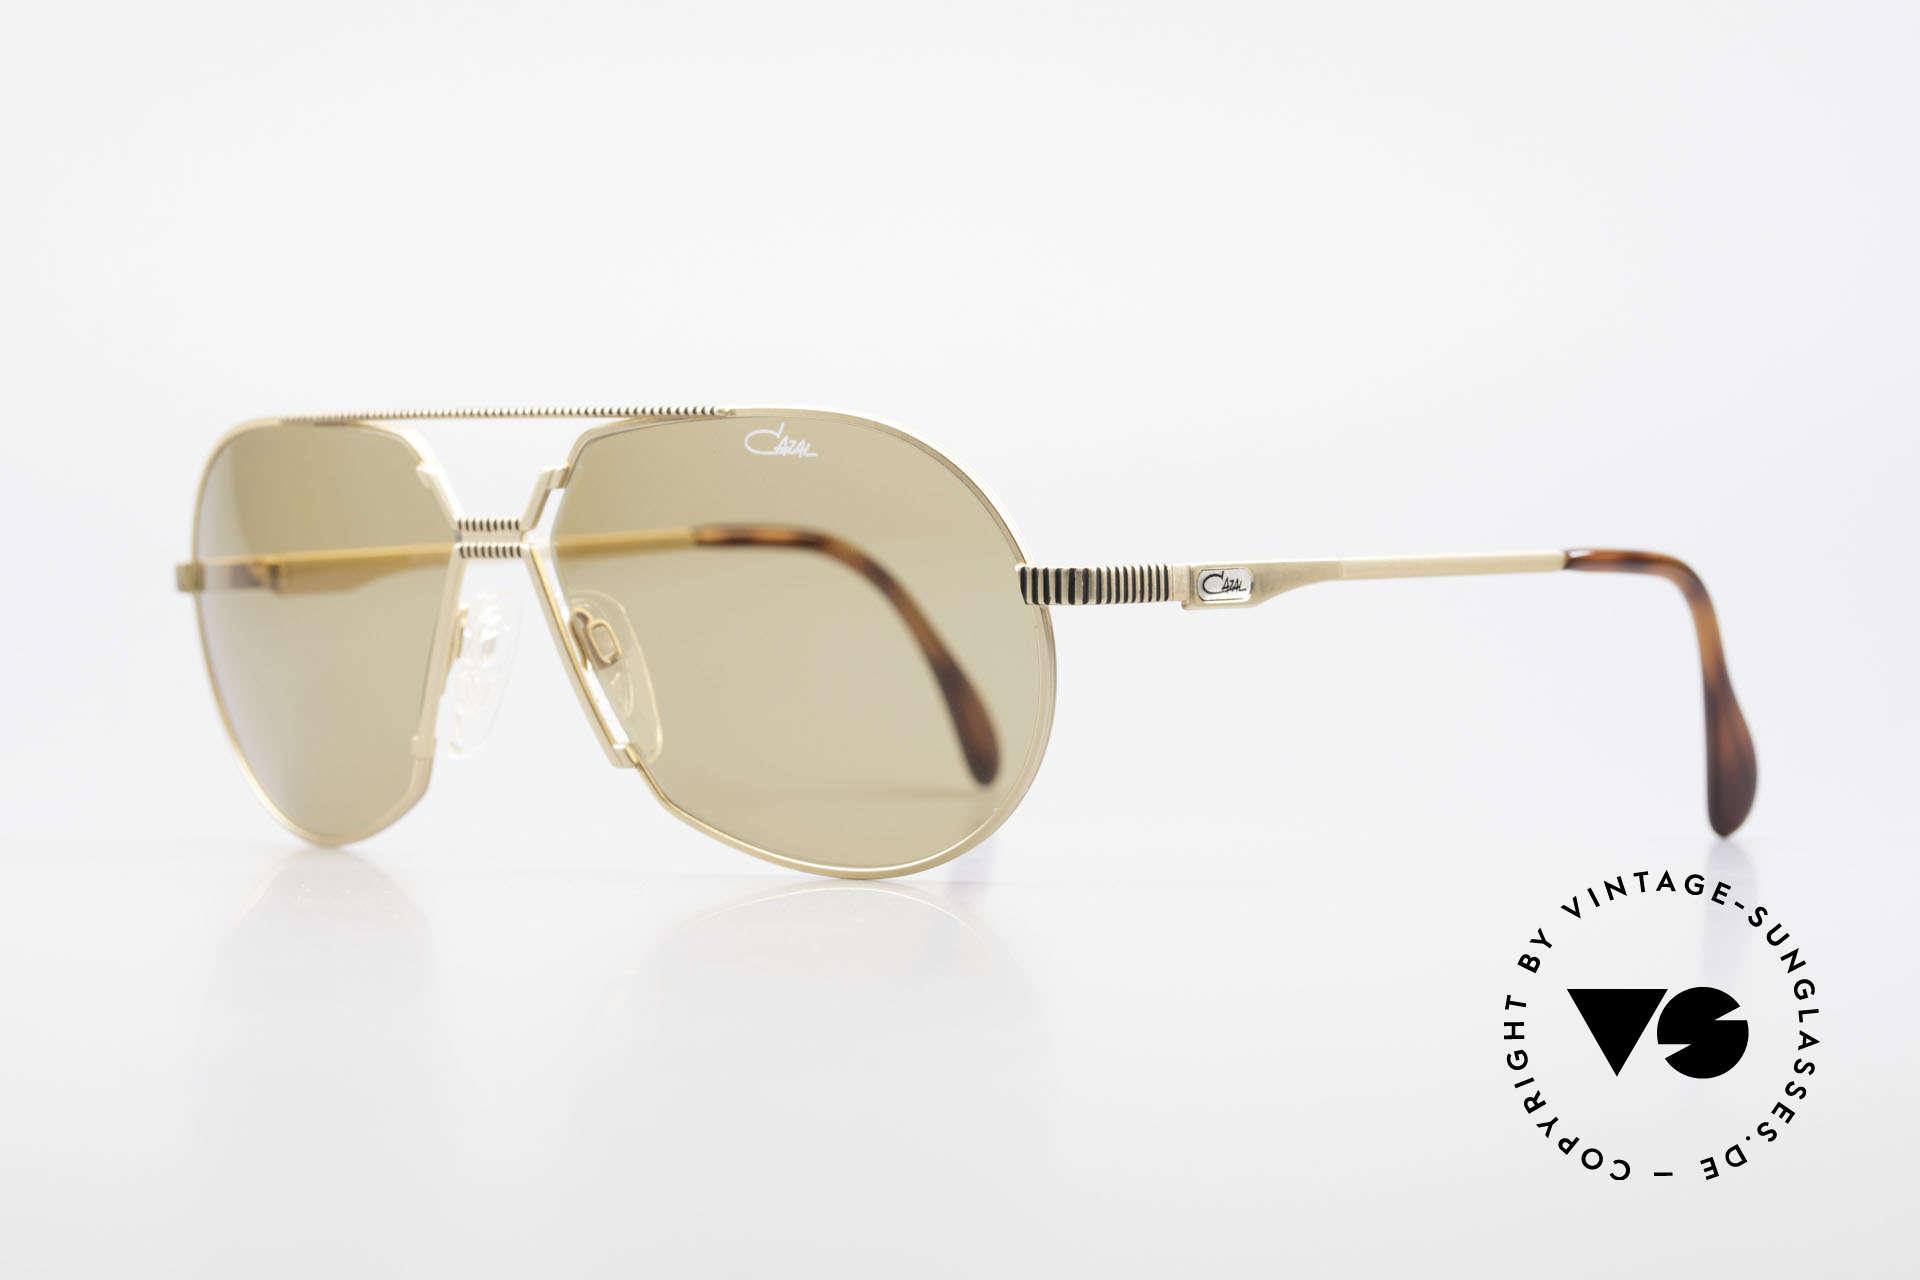 Cazal 968 Al Pacino Filmsonnenbrille, das meistgesuchte Cazal vintage Modell, weltweit, Passend für Herren